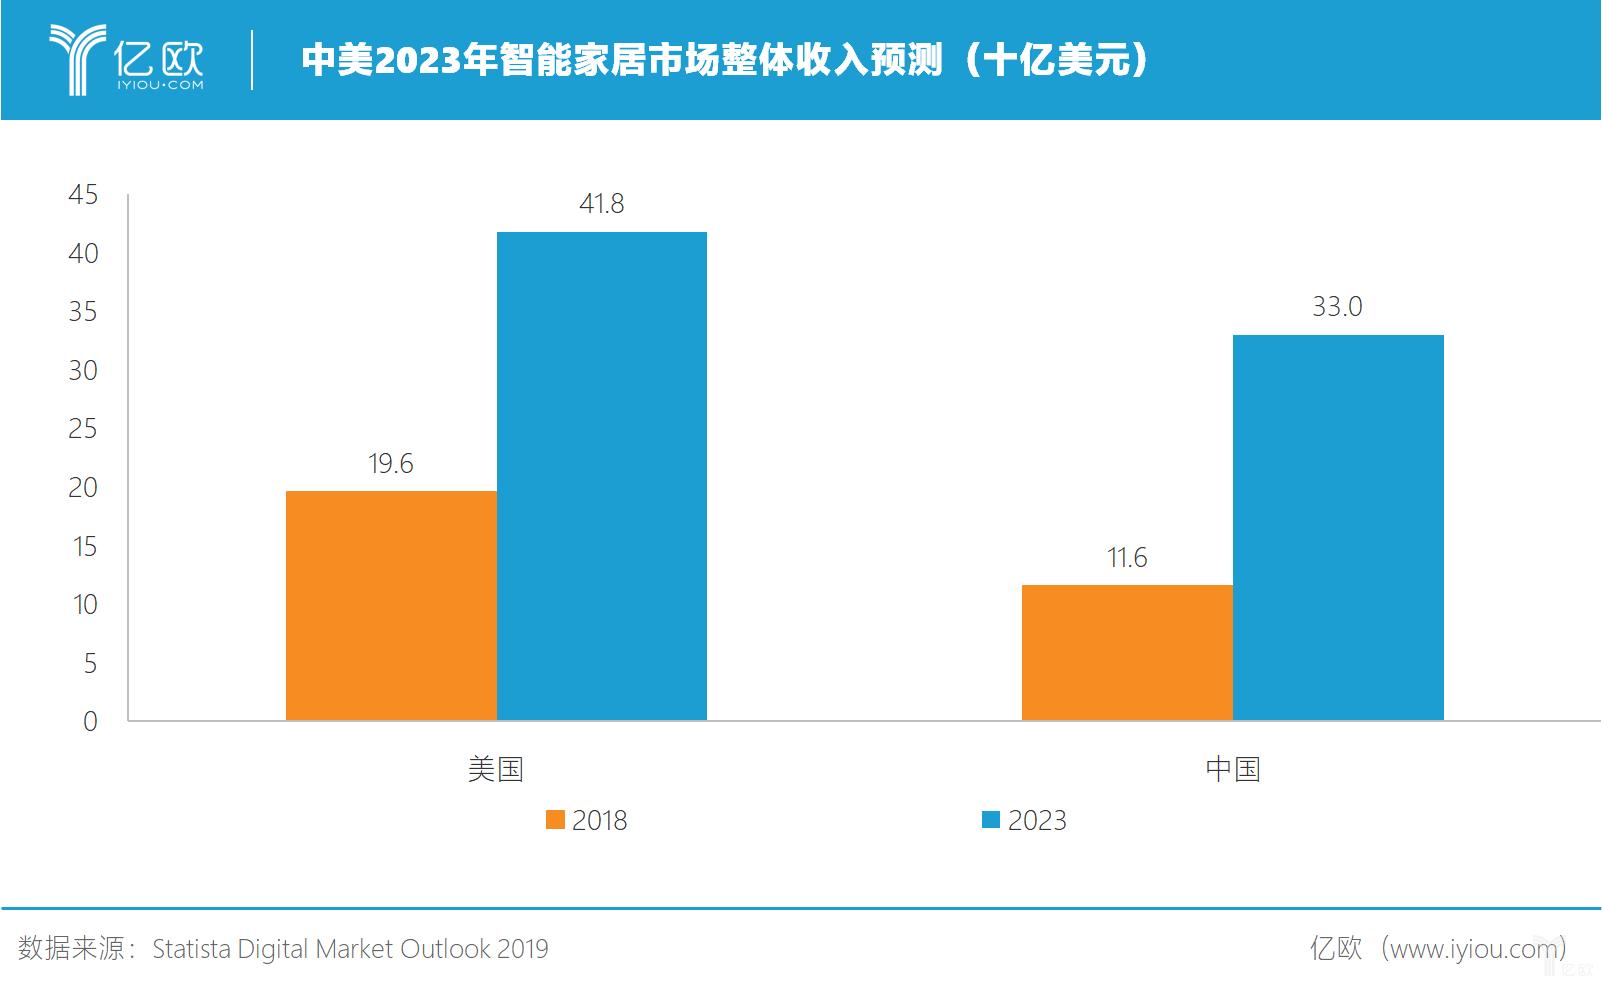 億歐:中美2023年智能家居市场整体收入预测(十亿美元)